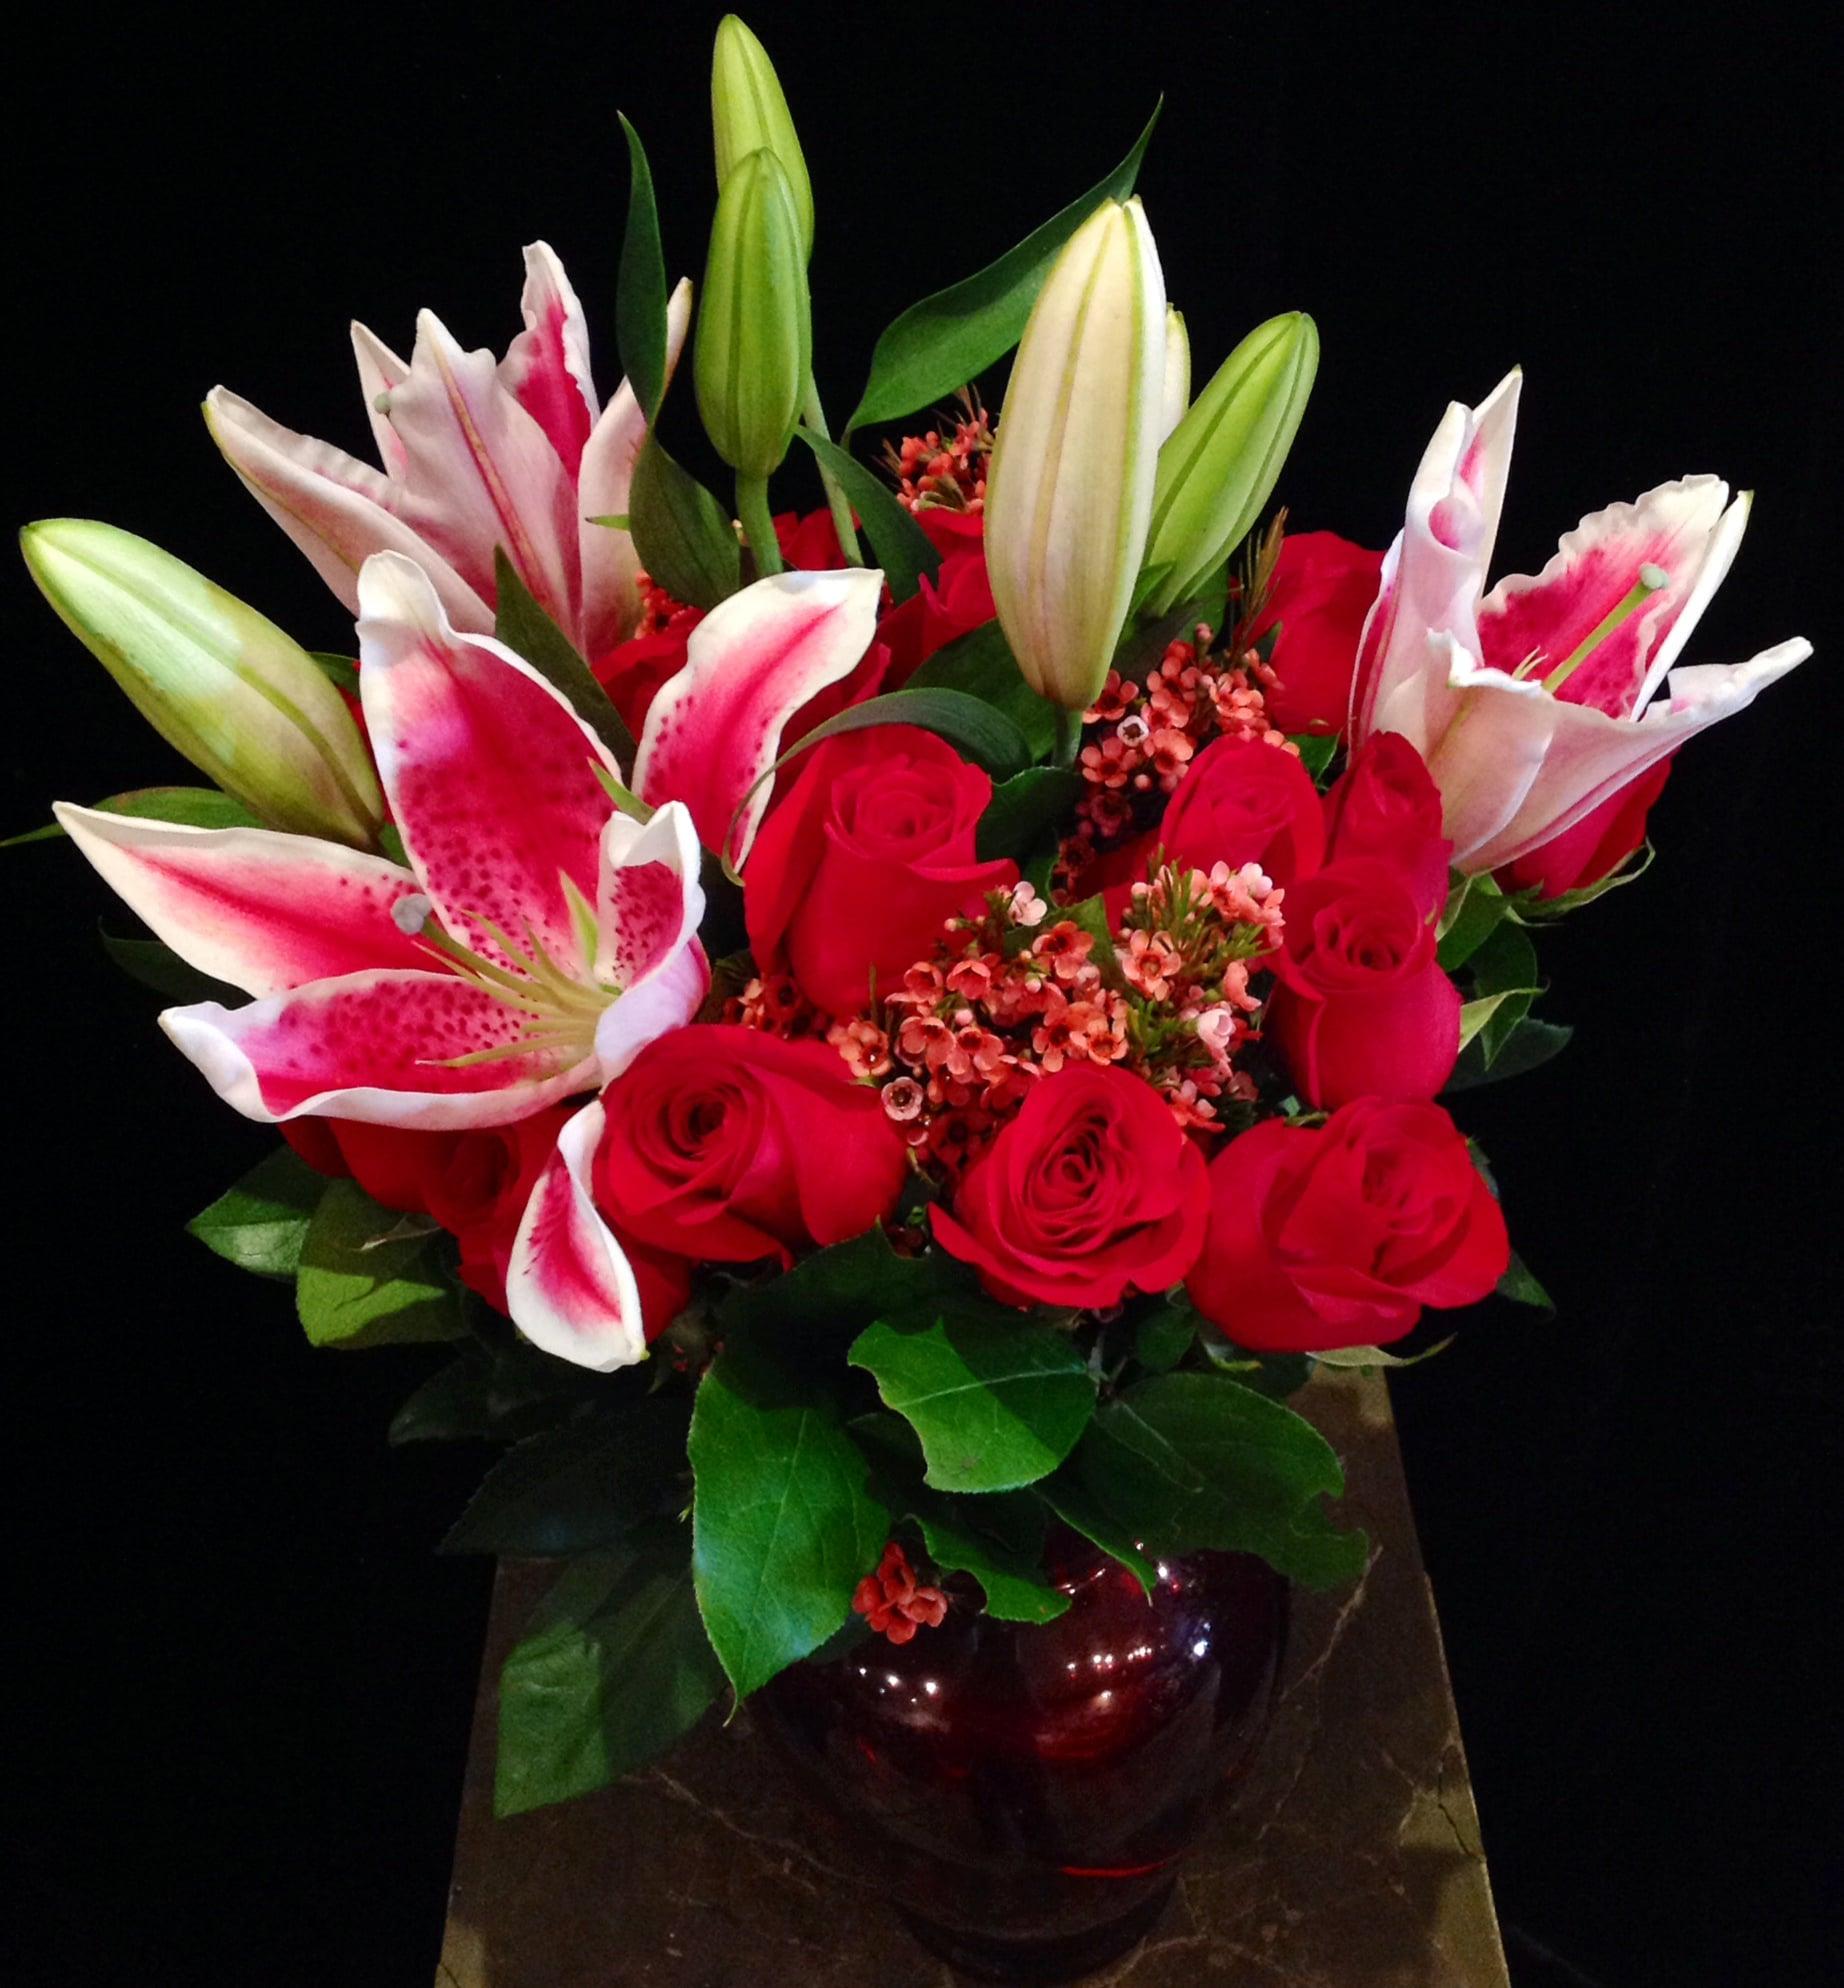 A Dozen Red Roses, Stargazer Lilies, & Waxflower